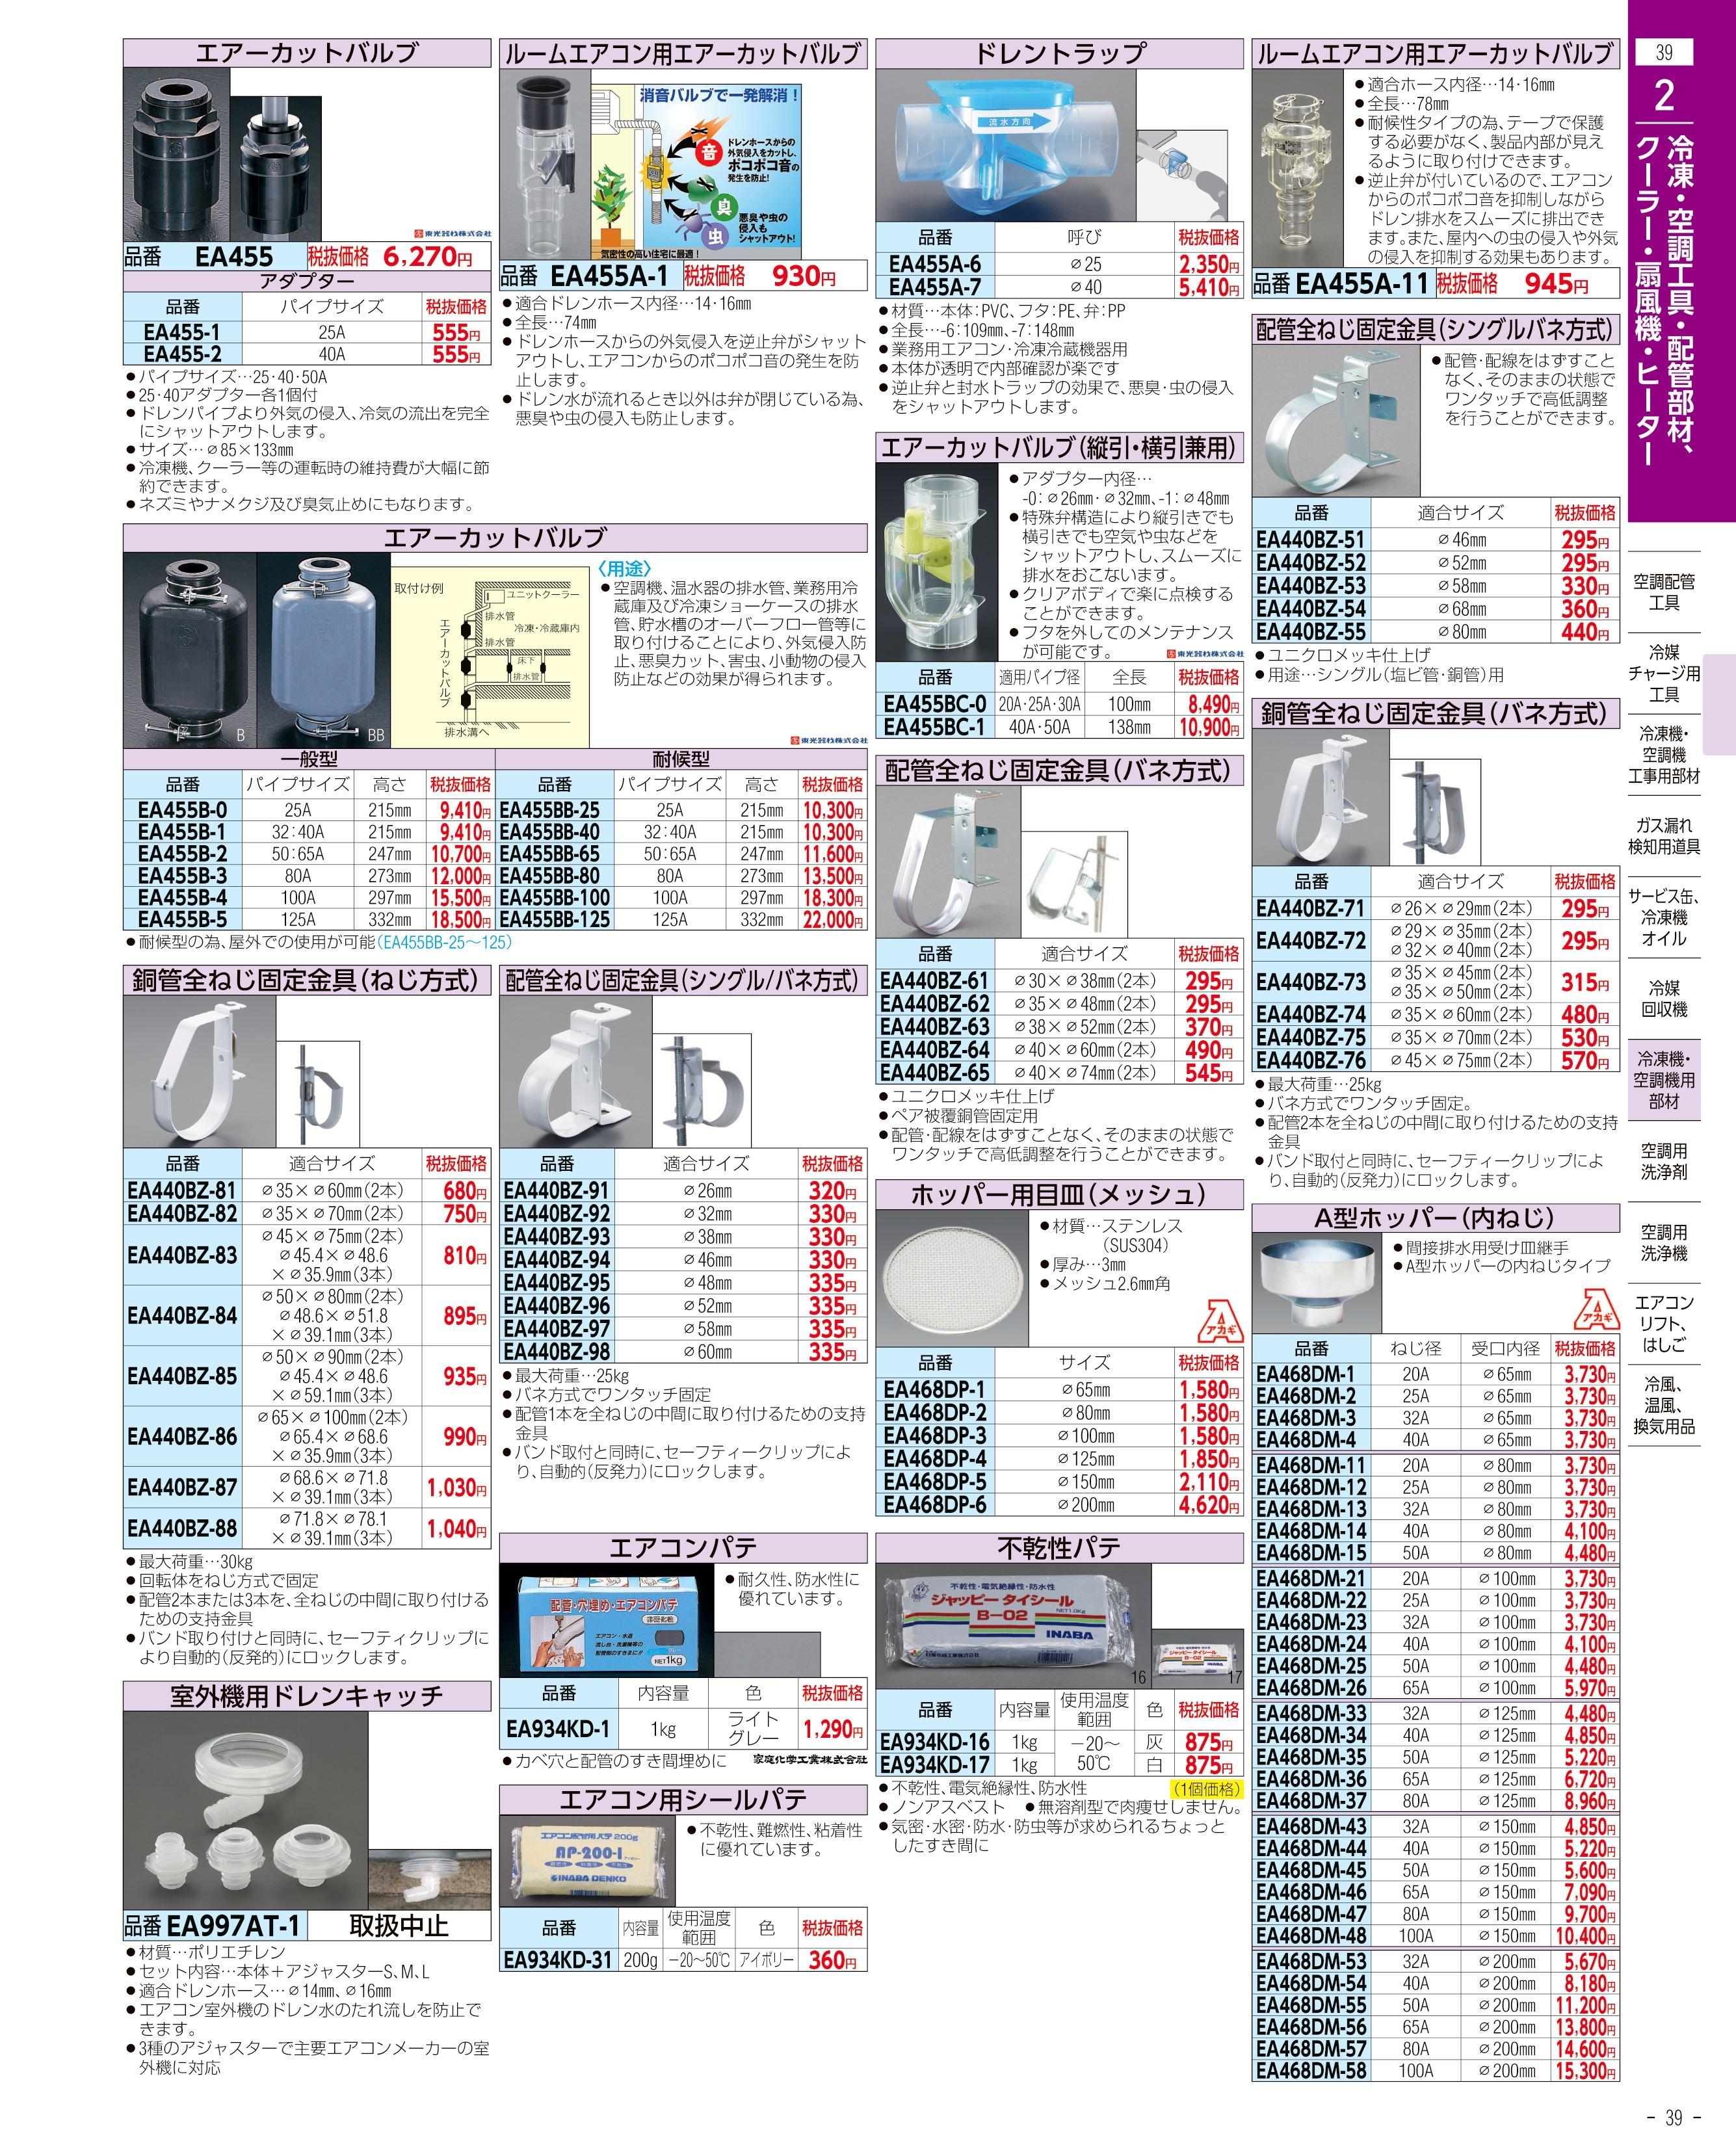 エスコ便利カタログ39ページ